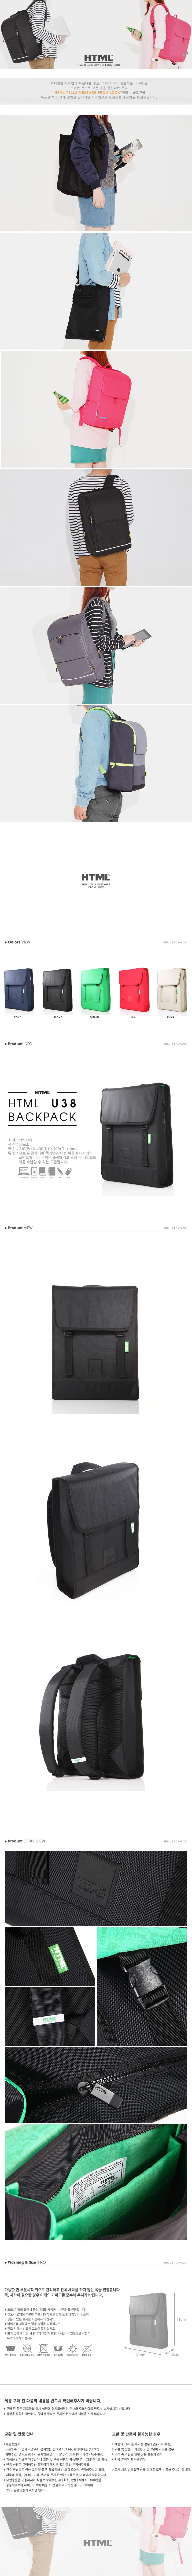 [에이치티엠엘]HTML - U38 backpack (Black)_인기백팩